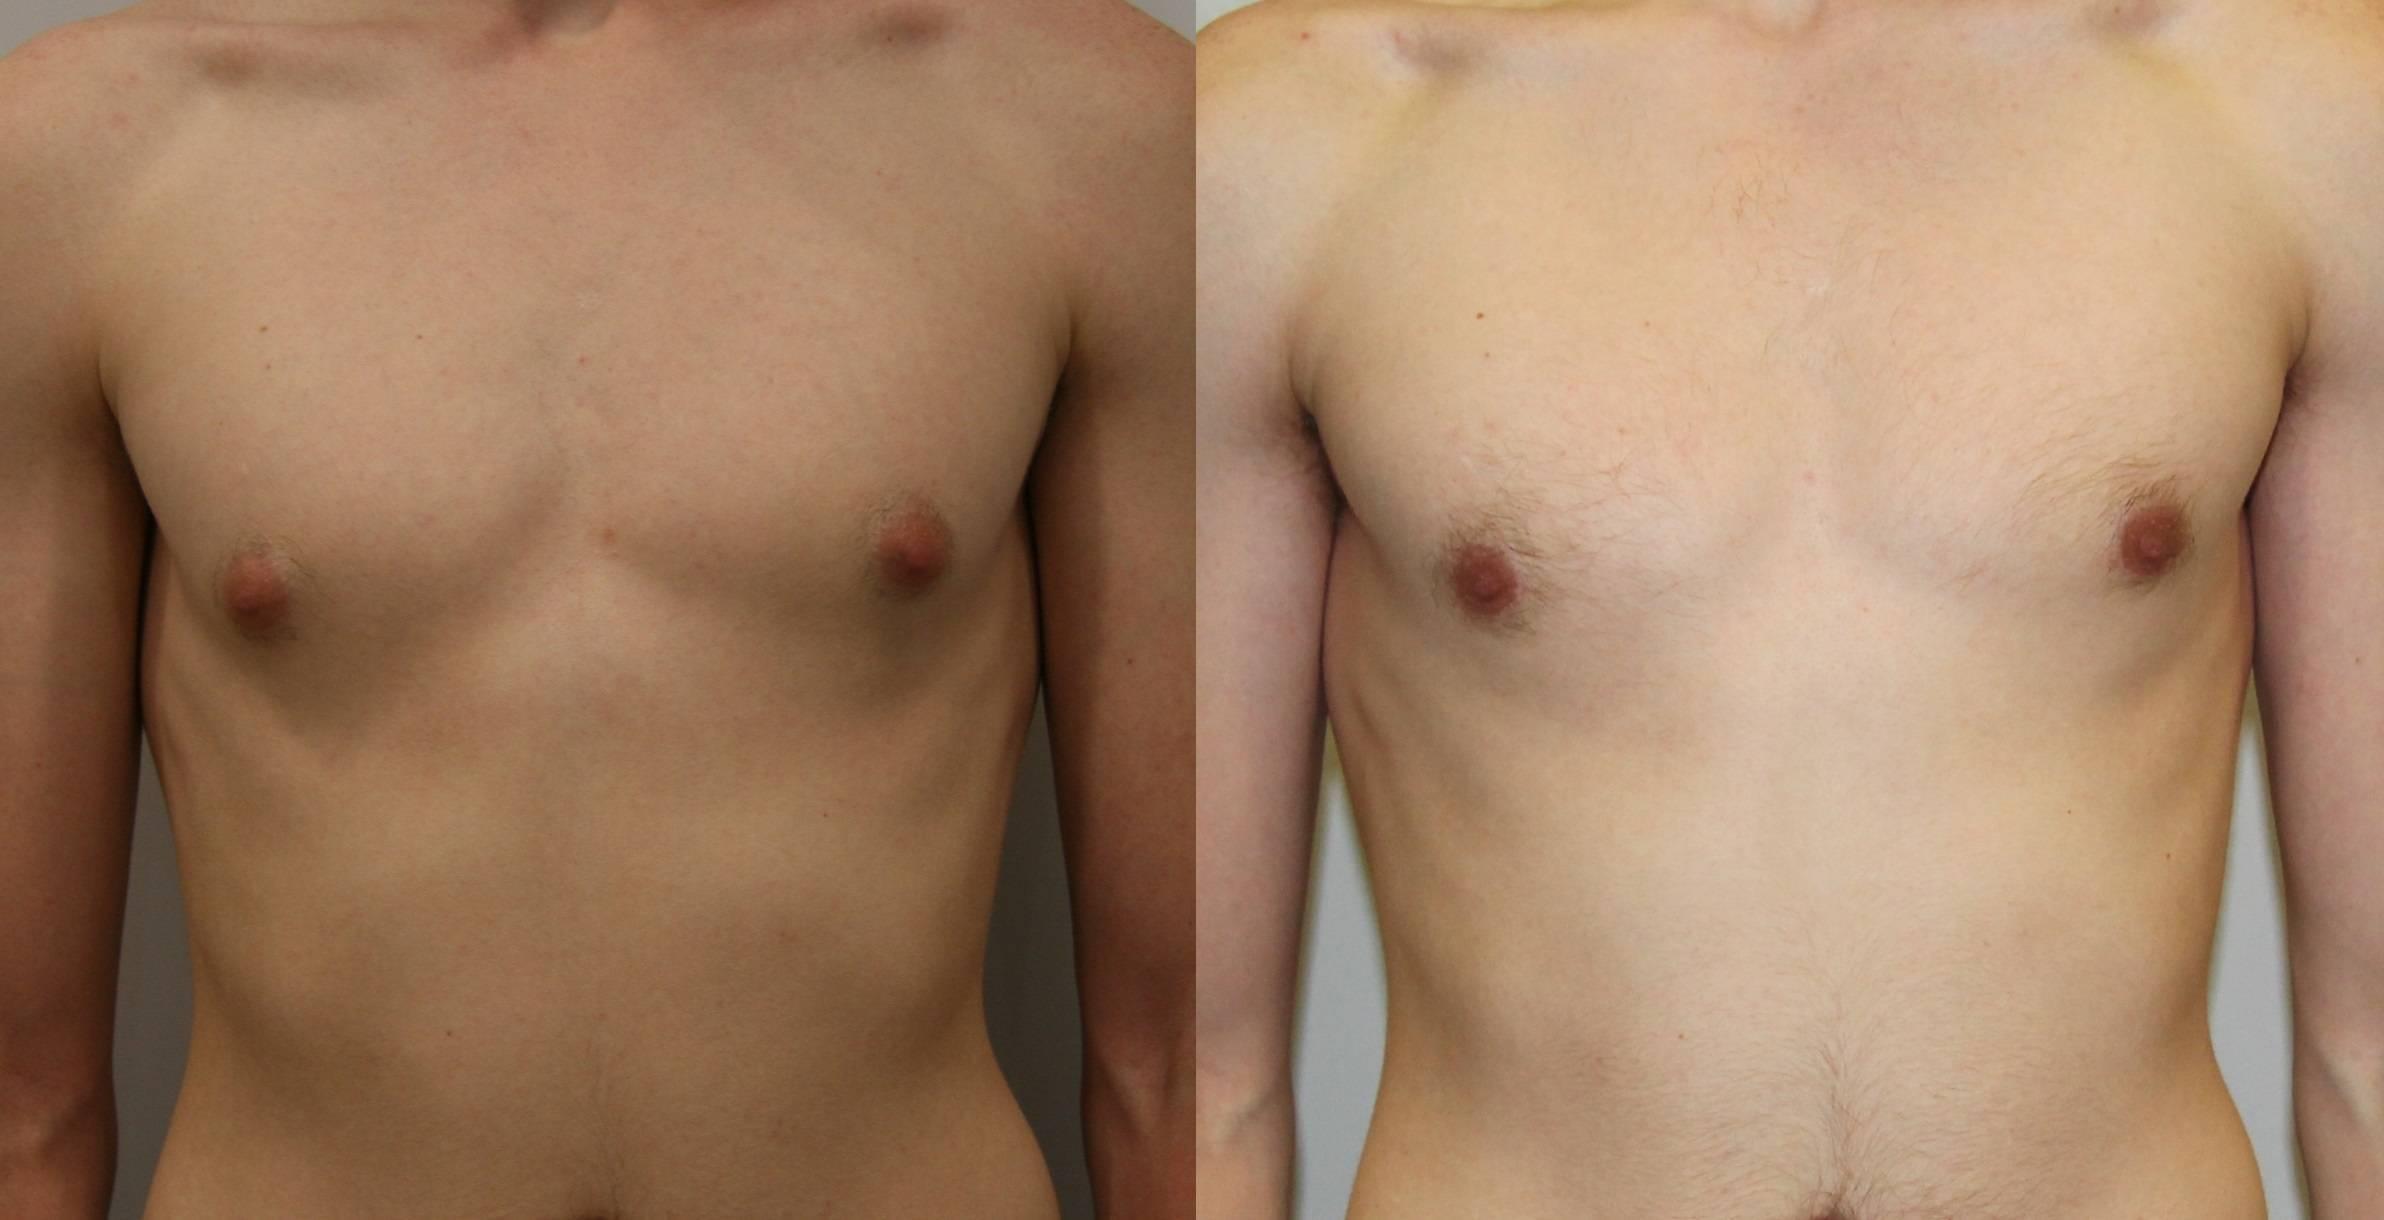 Признаки и лечение мастопатии у мужчин пожилого возраста и молодых